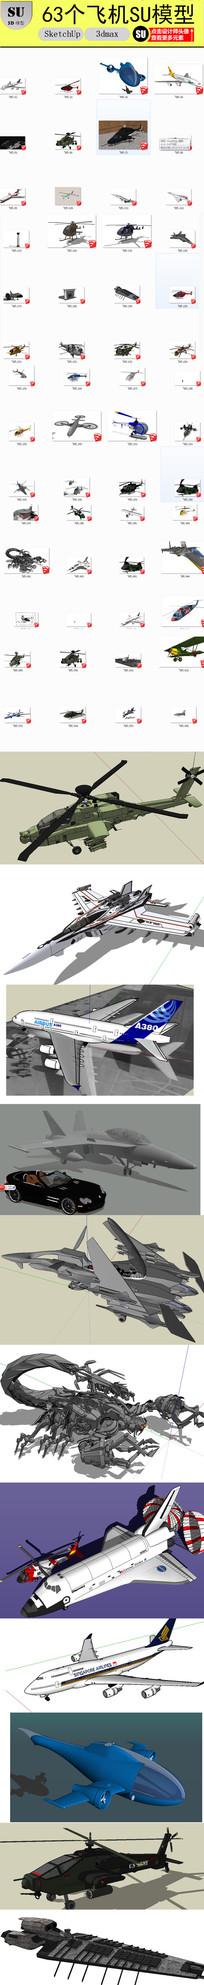 交通工具飞机su模型 skp